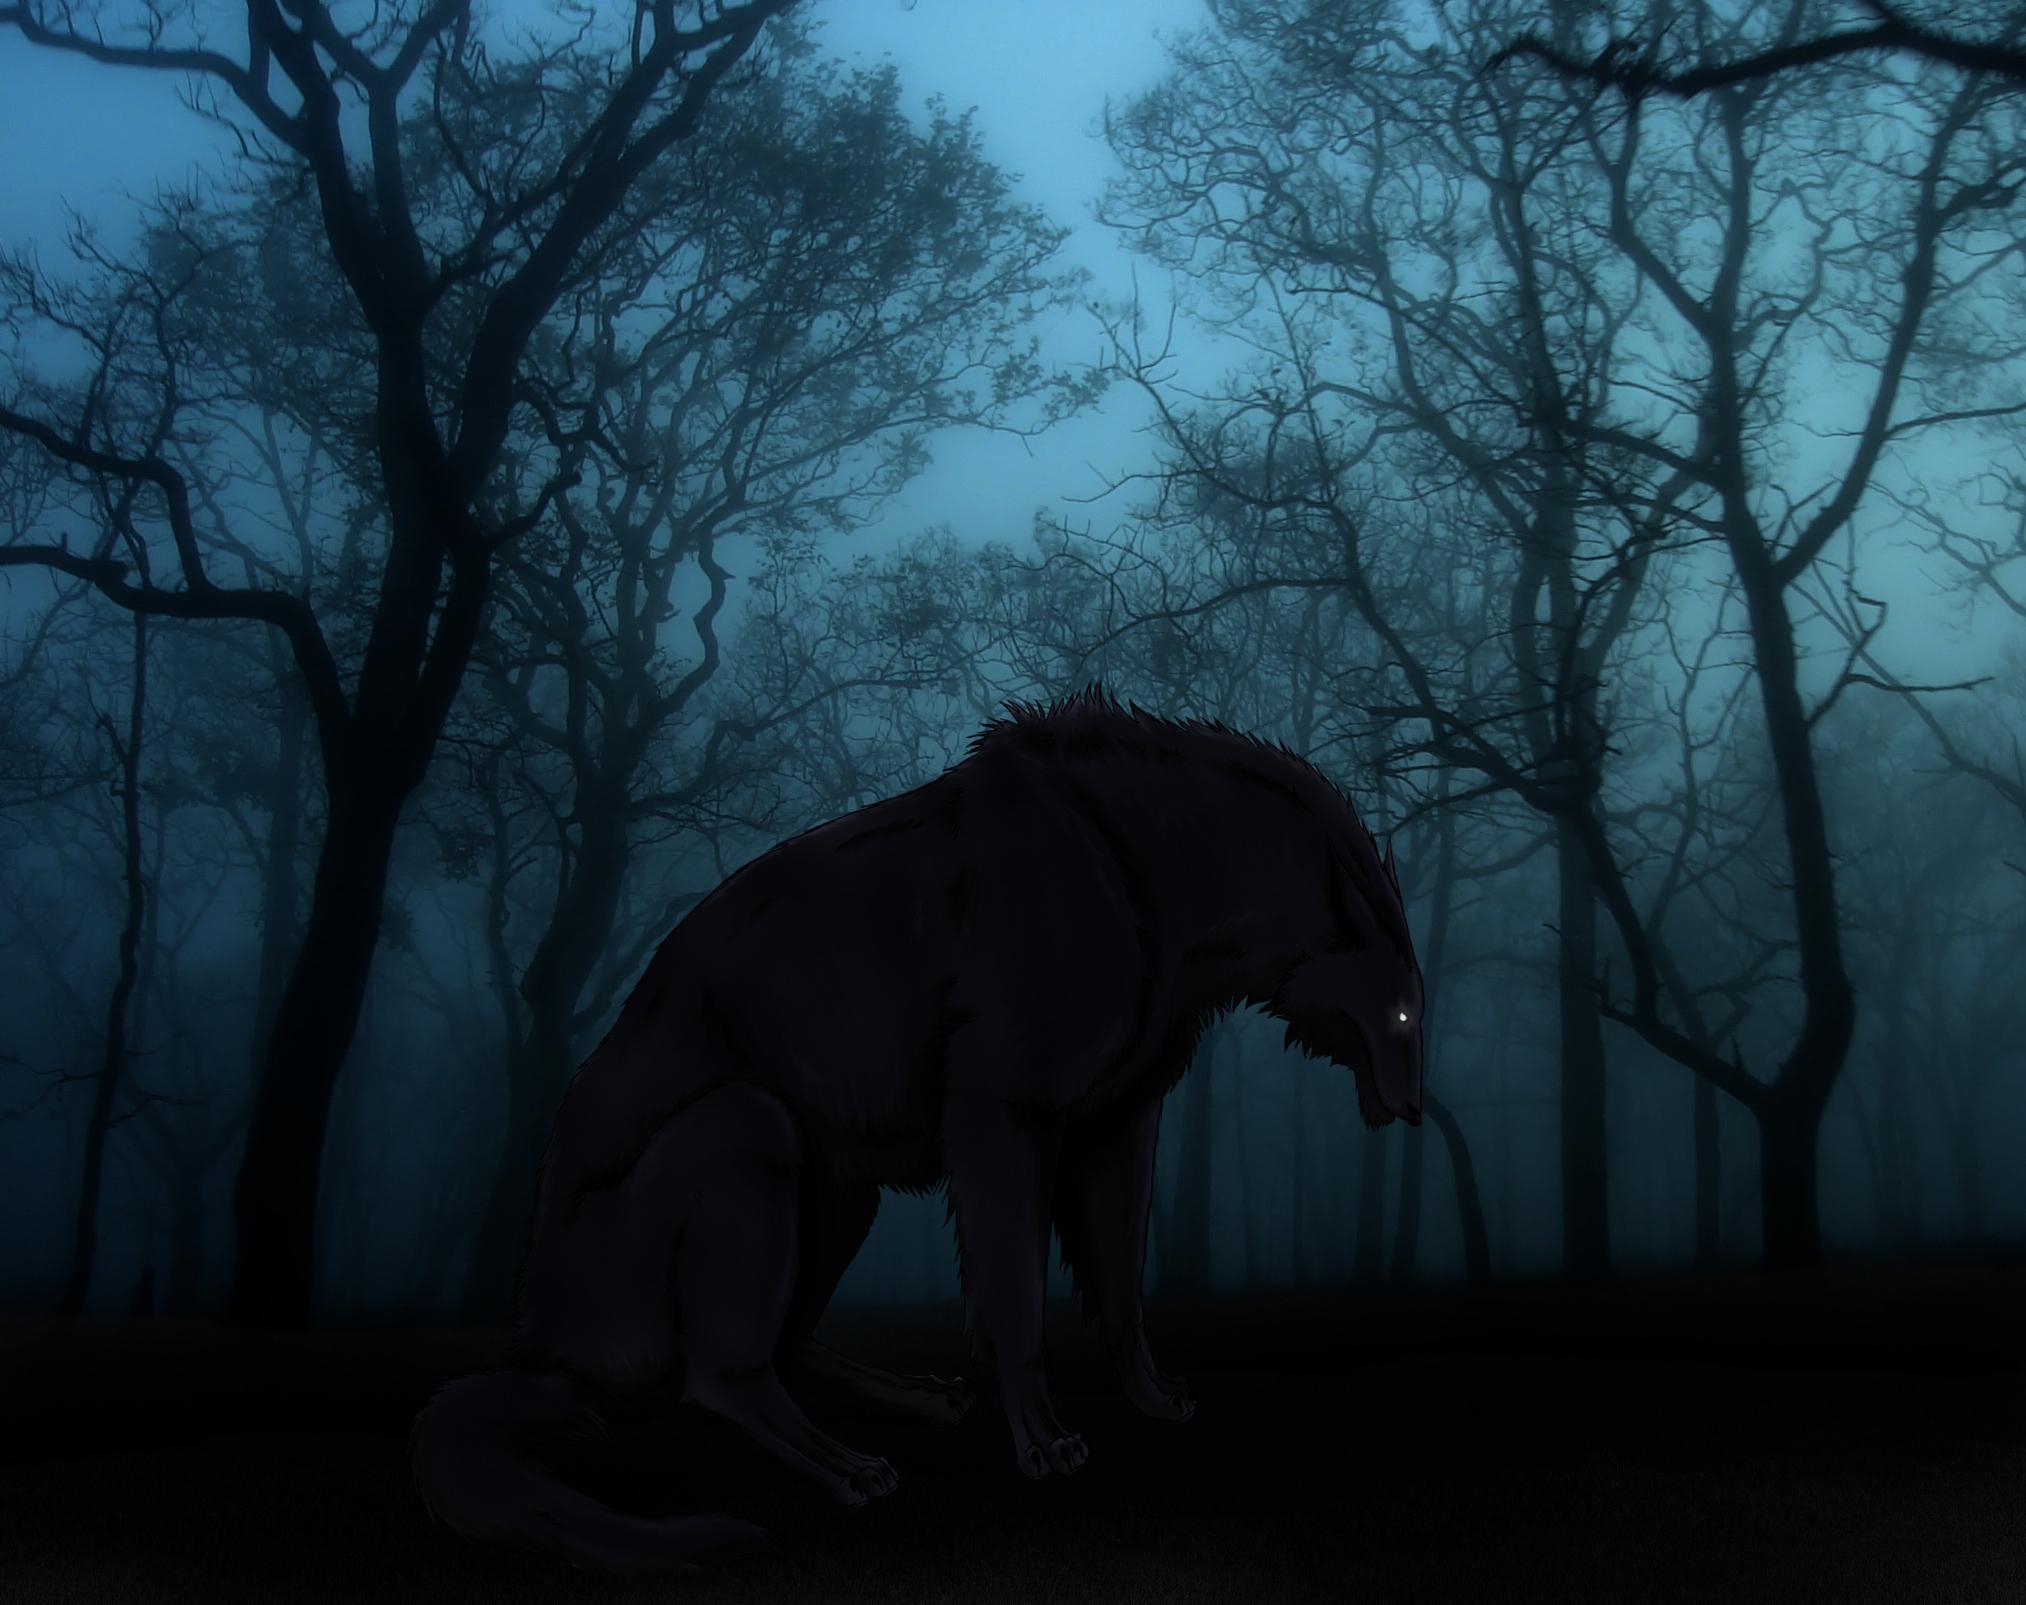 Dark forest by Foelina on DeviantArt